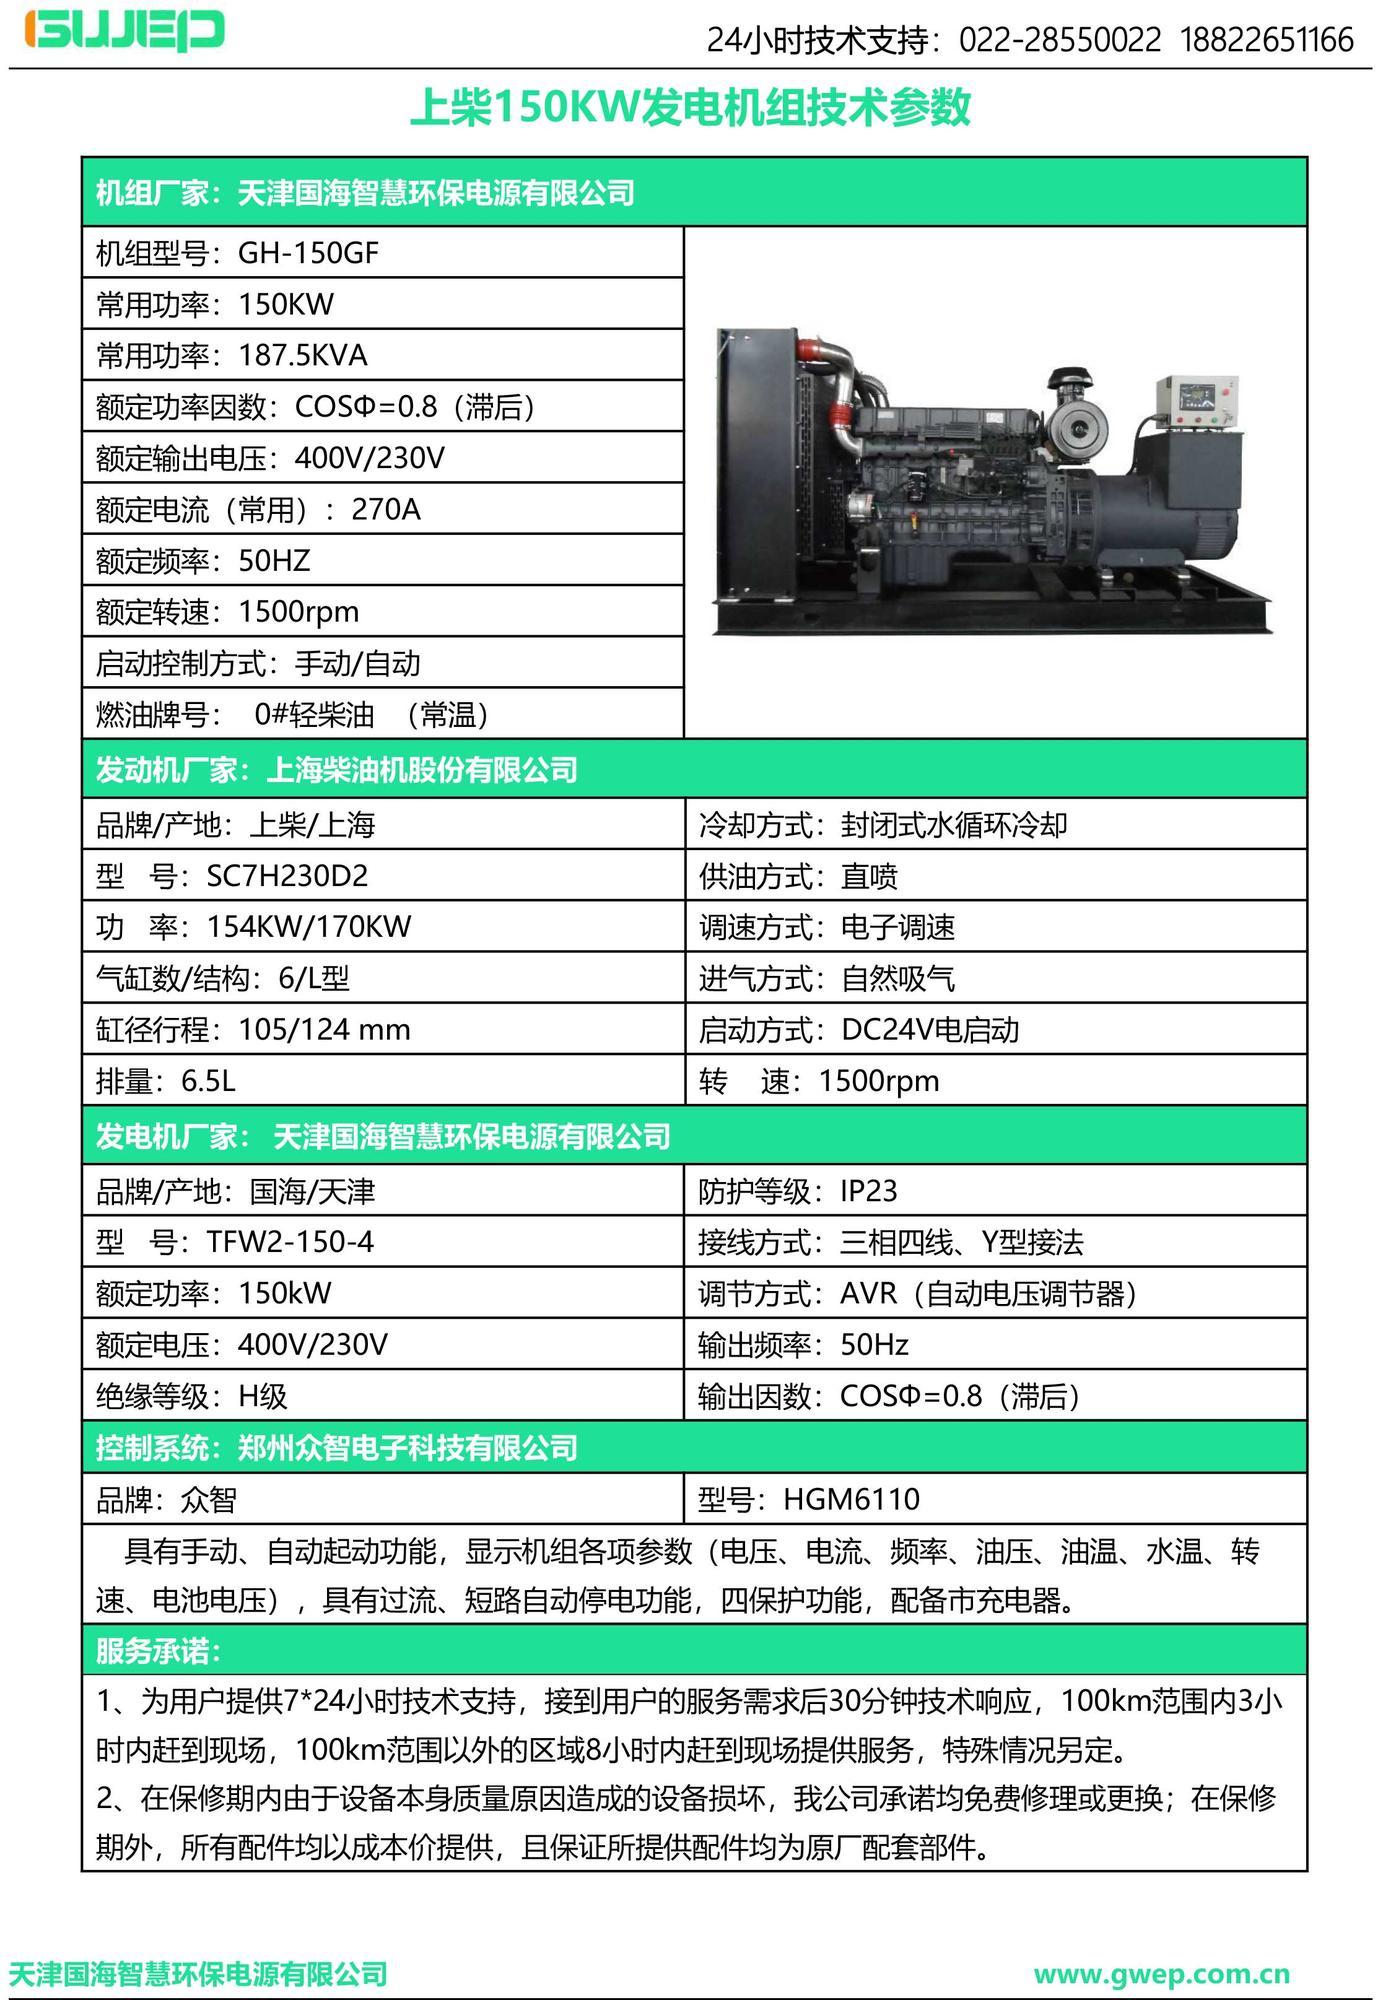 上柴150KW发电机组技术资料-2.jpg